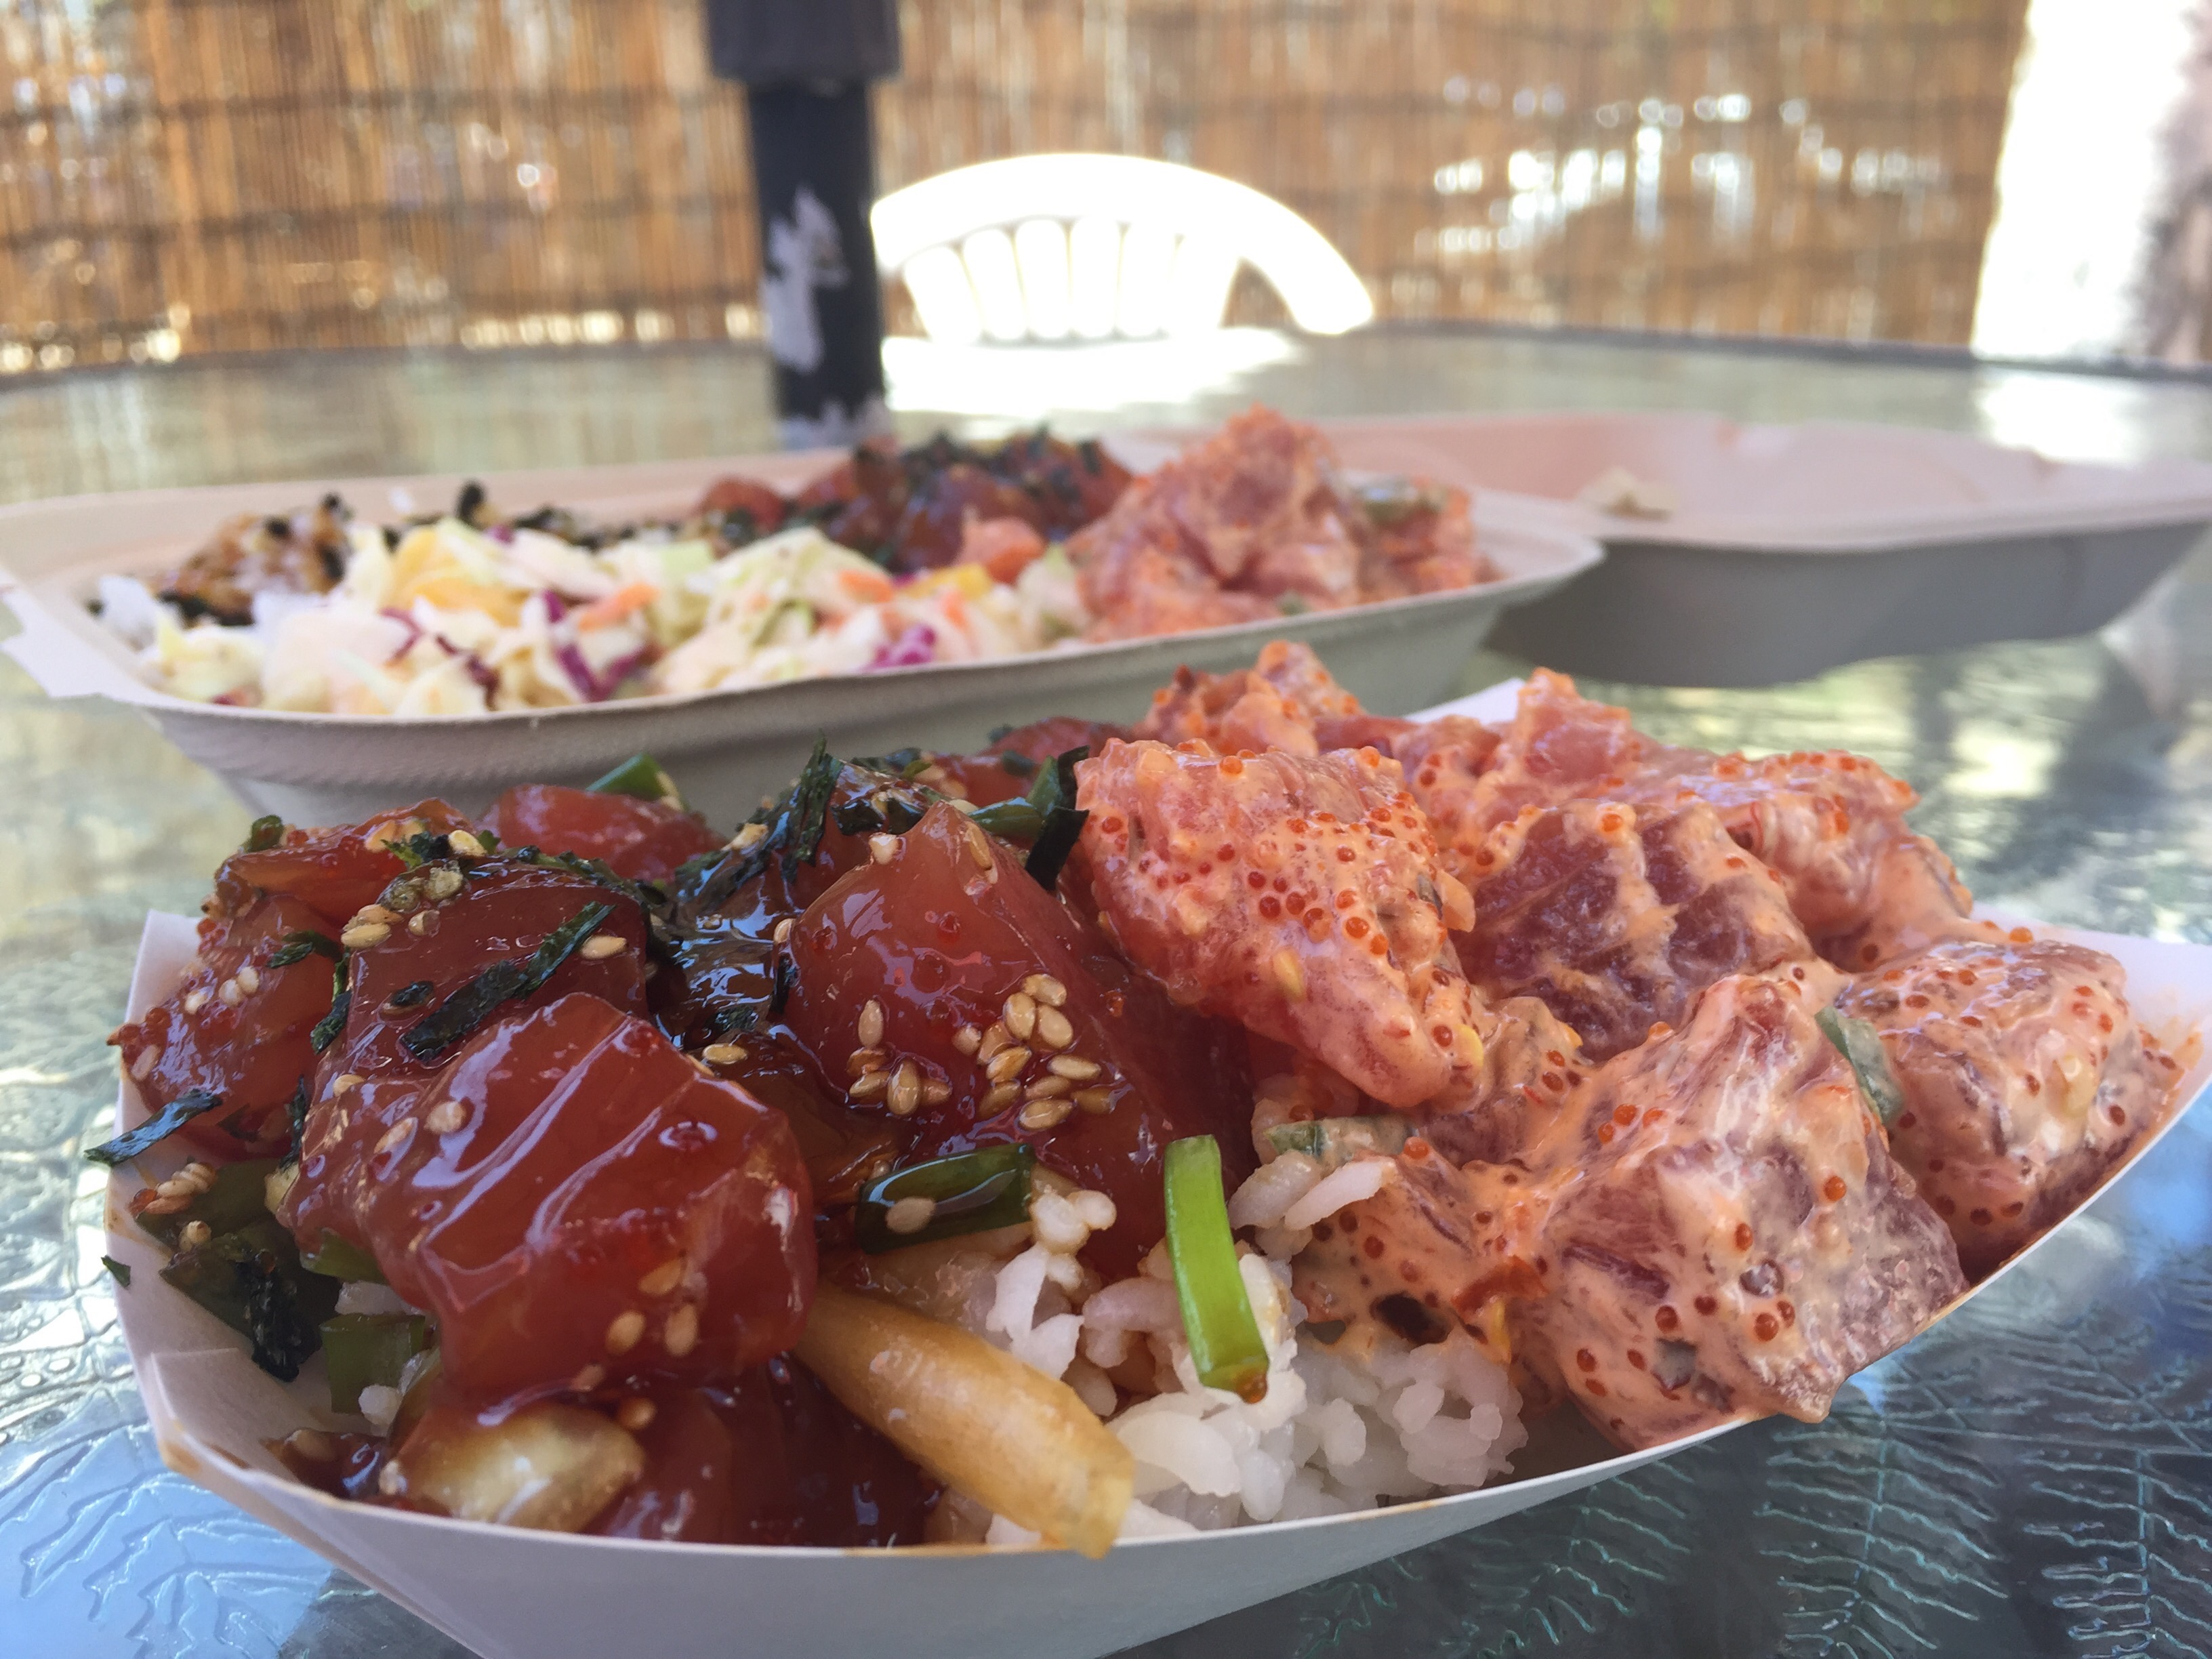 最近我們非常喜歡吃的一種東西——Poke。圖爲 South Maui Fish Company 供應的 Poke